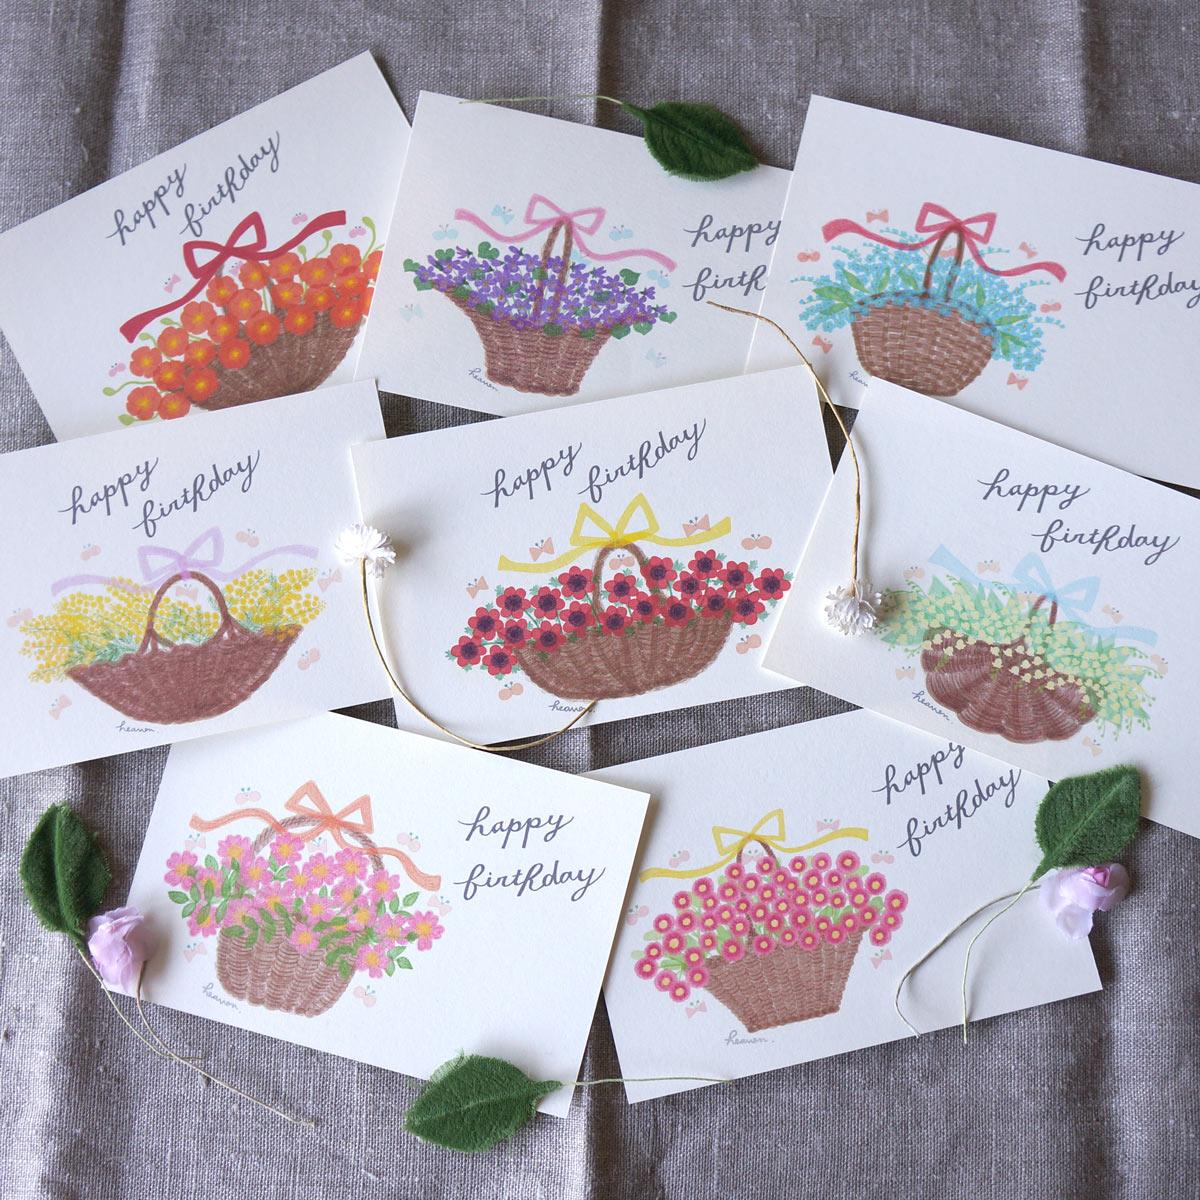 新作「花かご<ポストカード/誕生日カード>」【ダウンロード商品】をお店に並べました☆彡